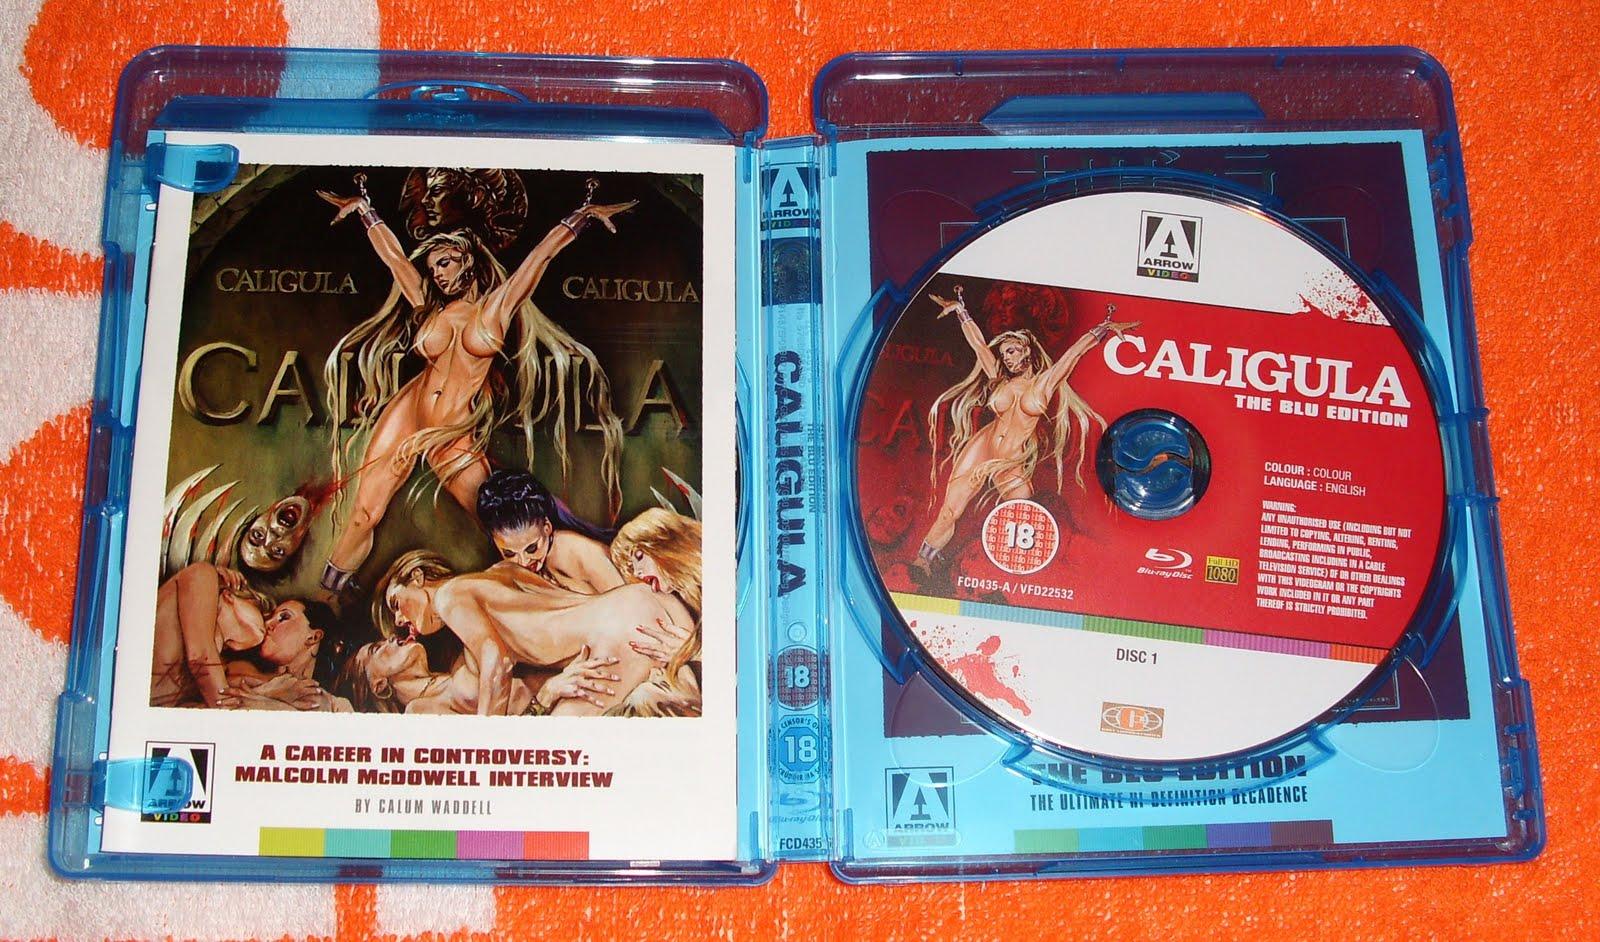 http://1.bp.blogspot.com/_wXIwoJM_hg4/TVHoe0iisXI/AAAAAAAADE8/rM2kmeoo9Uw/s1600/Caligula%2B6.JPG